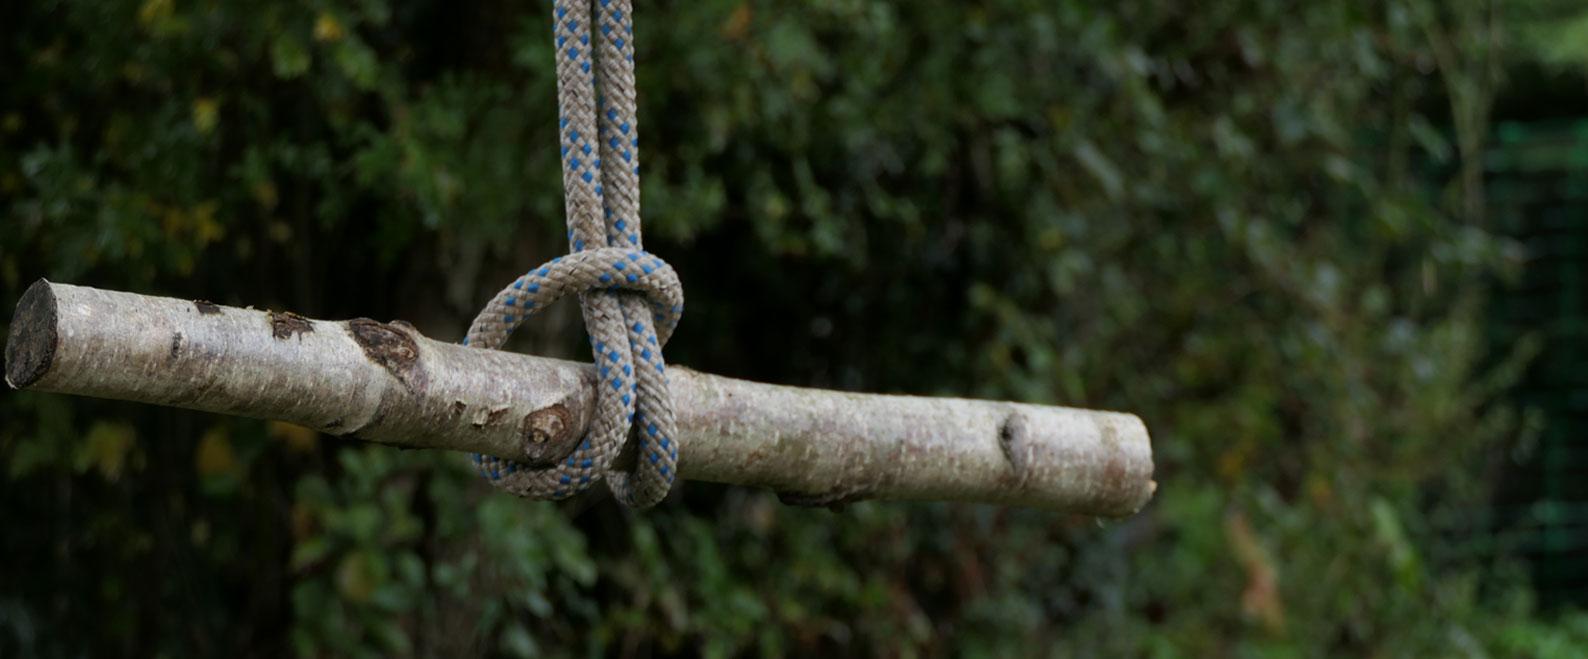 Ropes & Knots Training